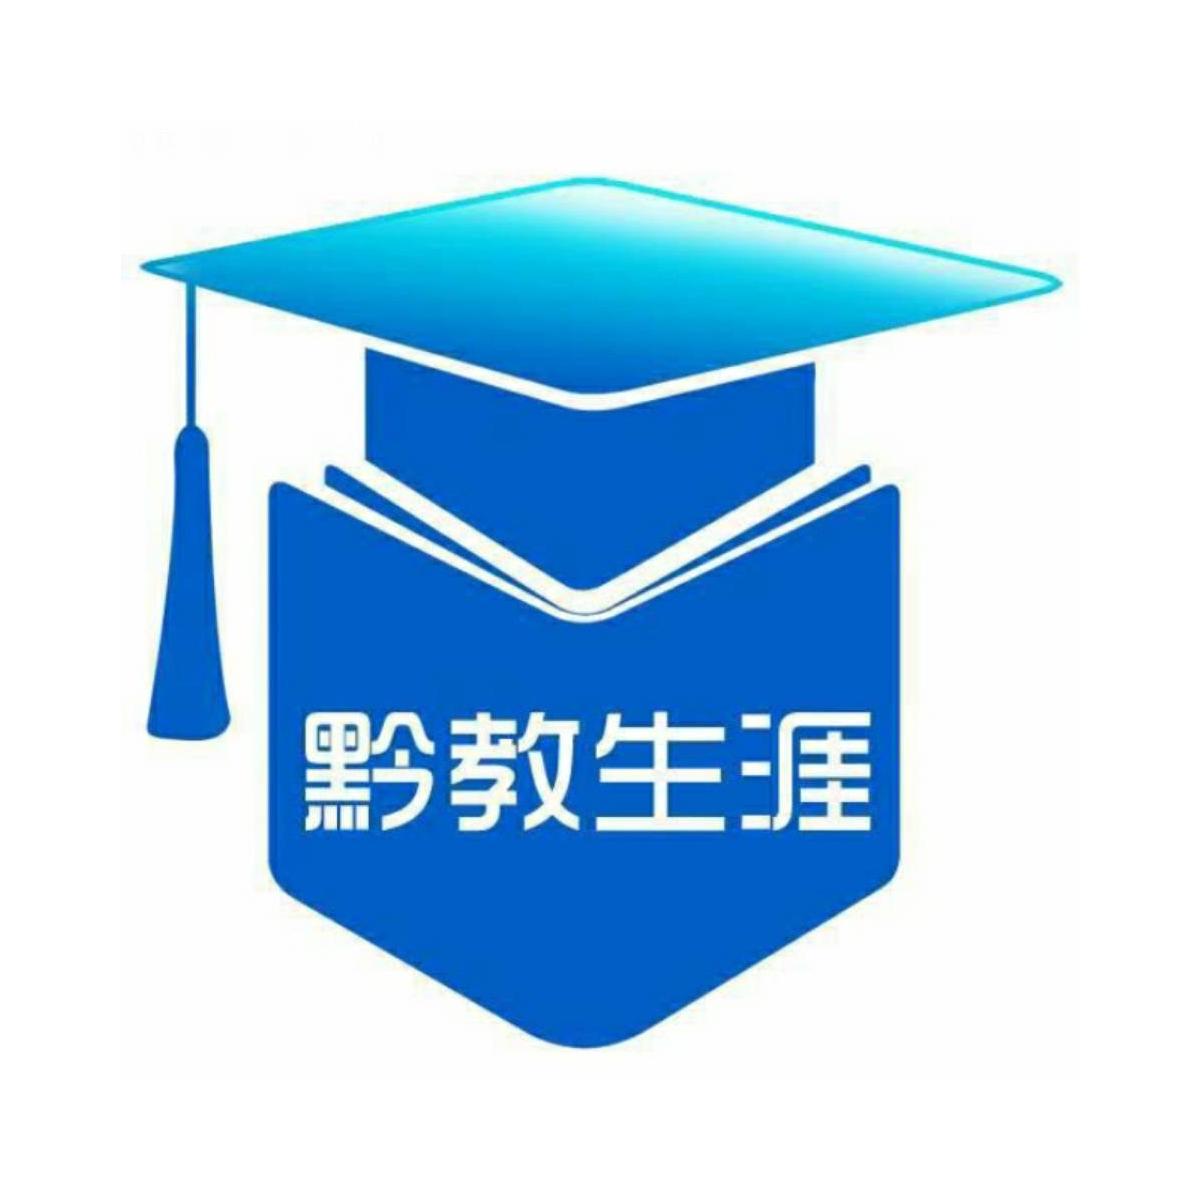 黔教生涯-升学规划组